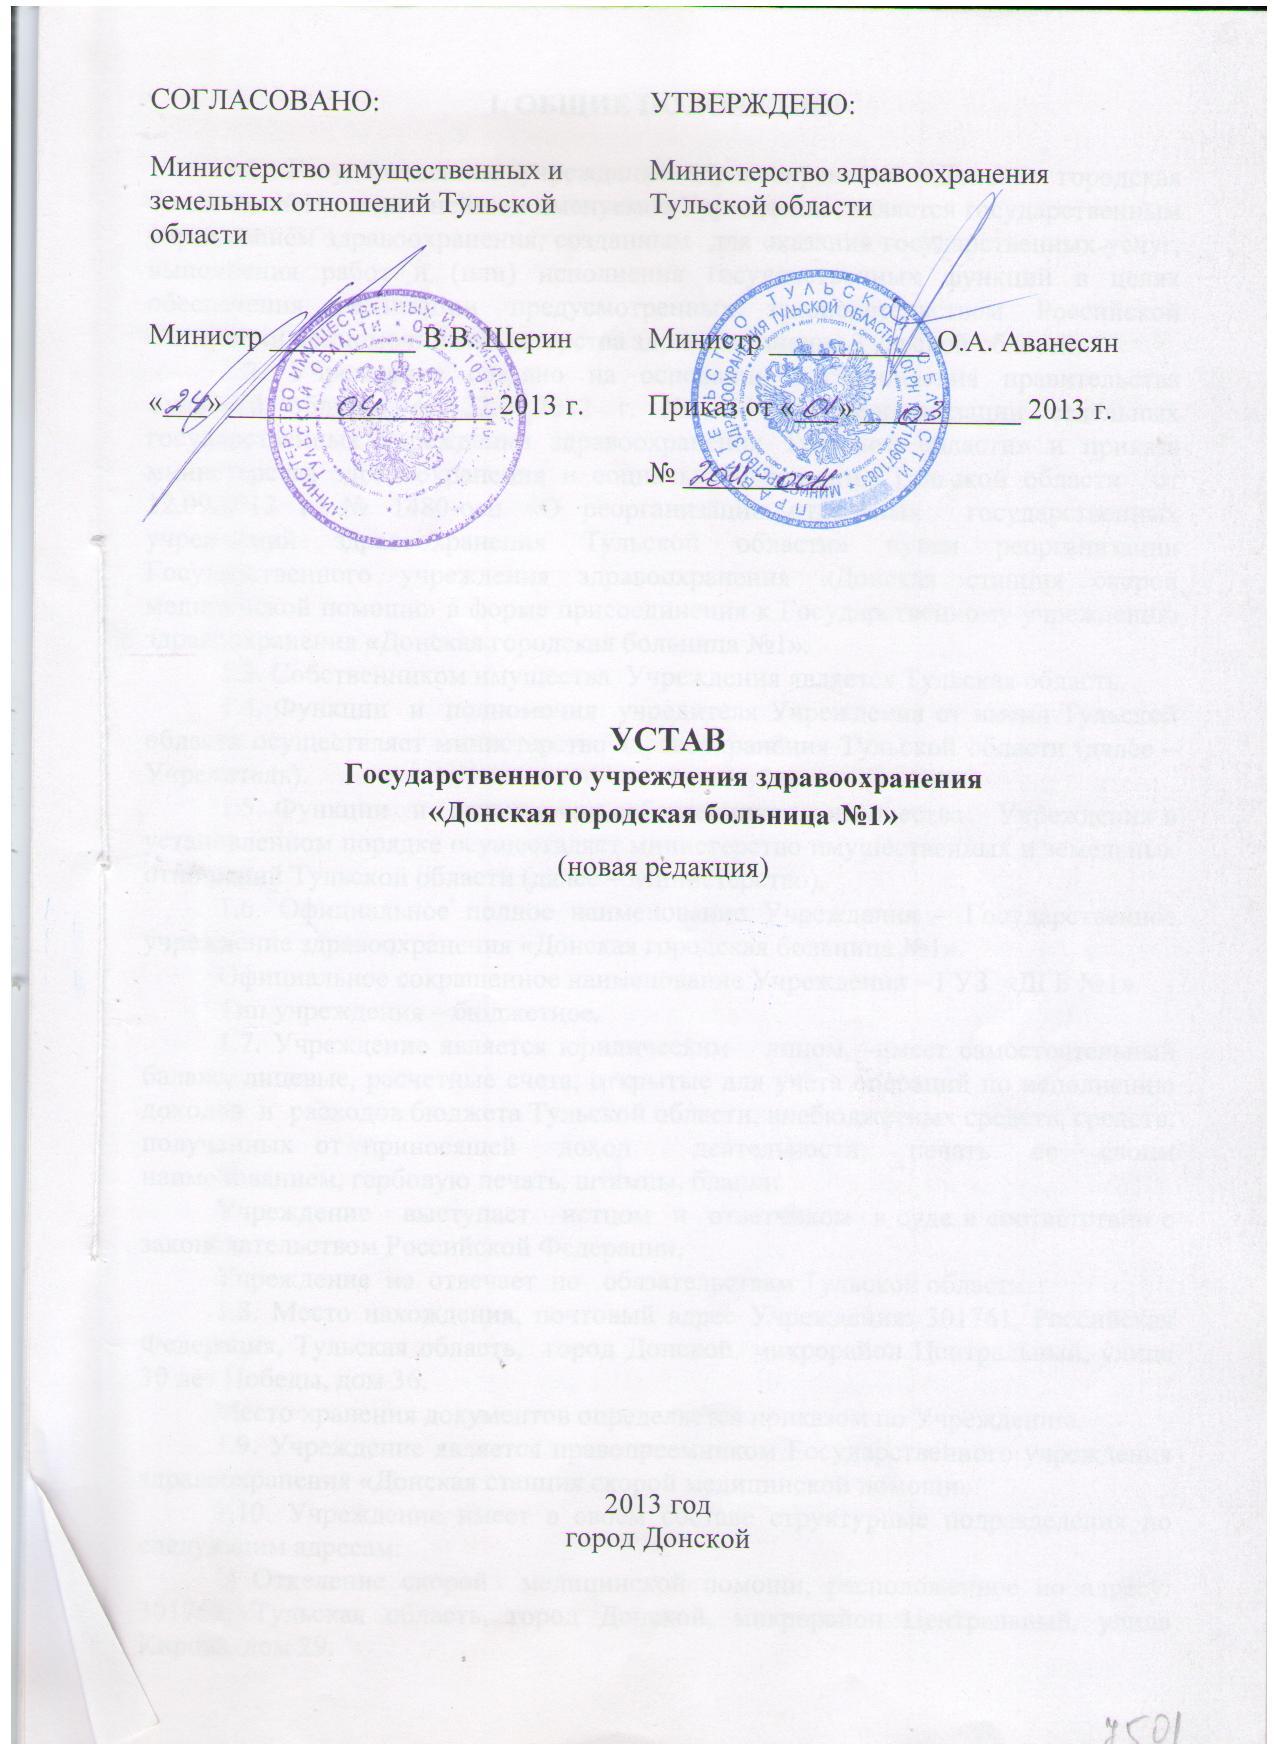 Устав Донской городской больницы №1